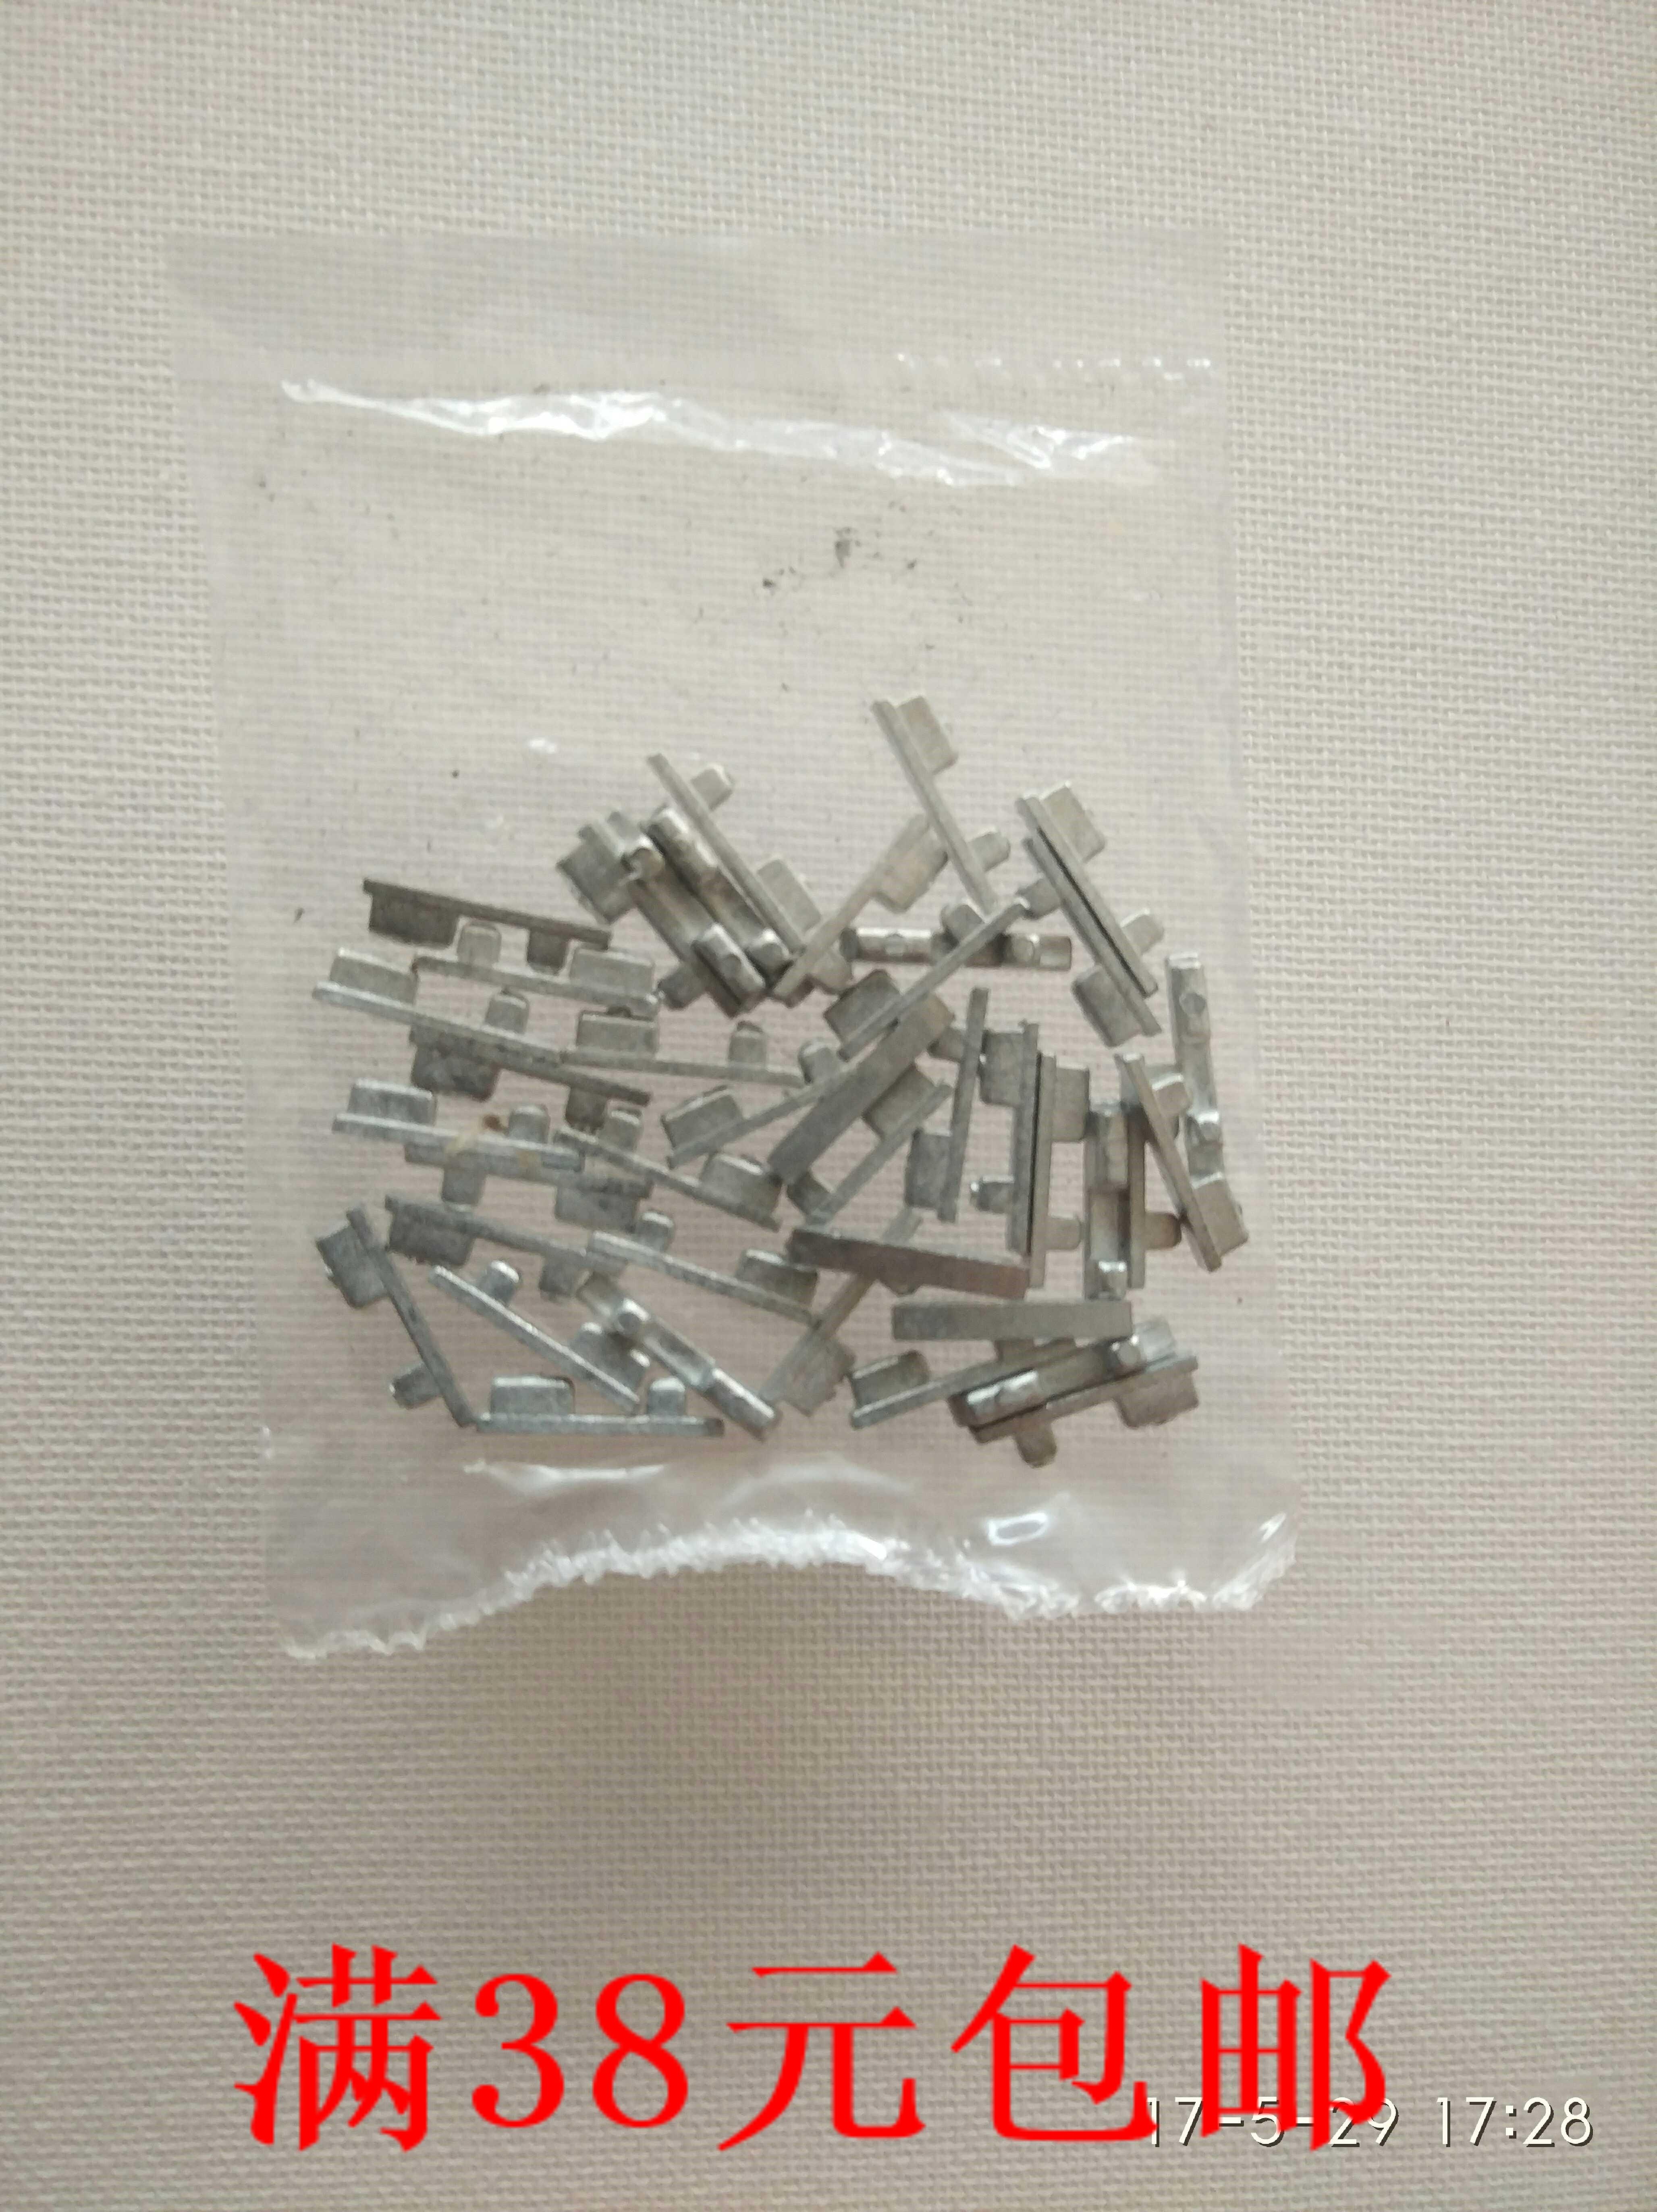 伞杆连接锁销双向连接卡子卡销约40个单价8元一包伞配件